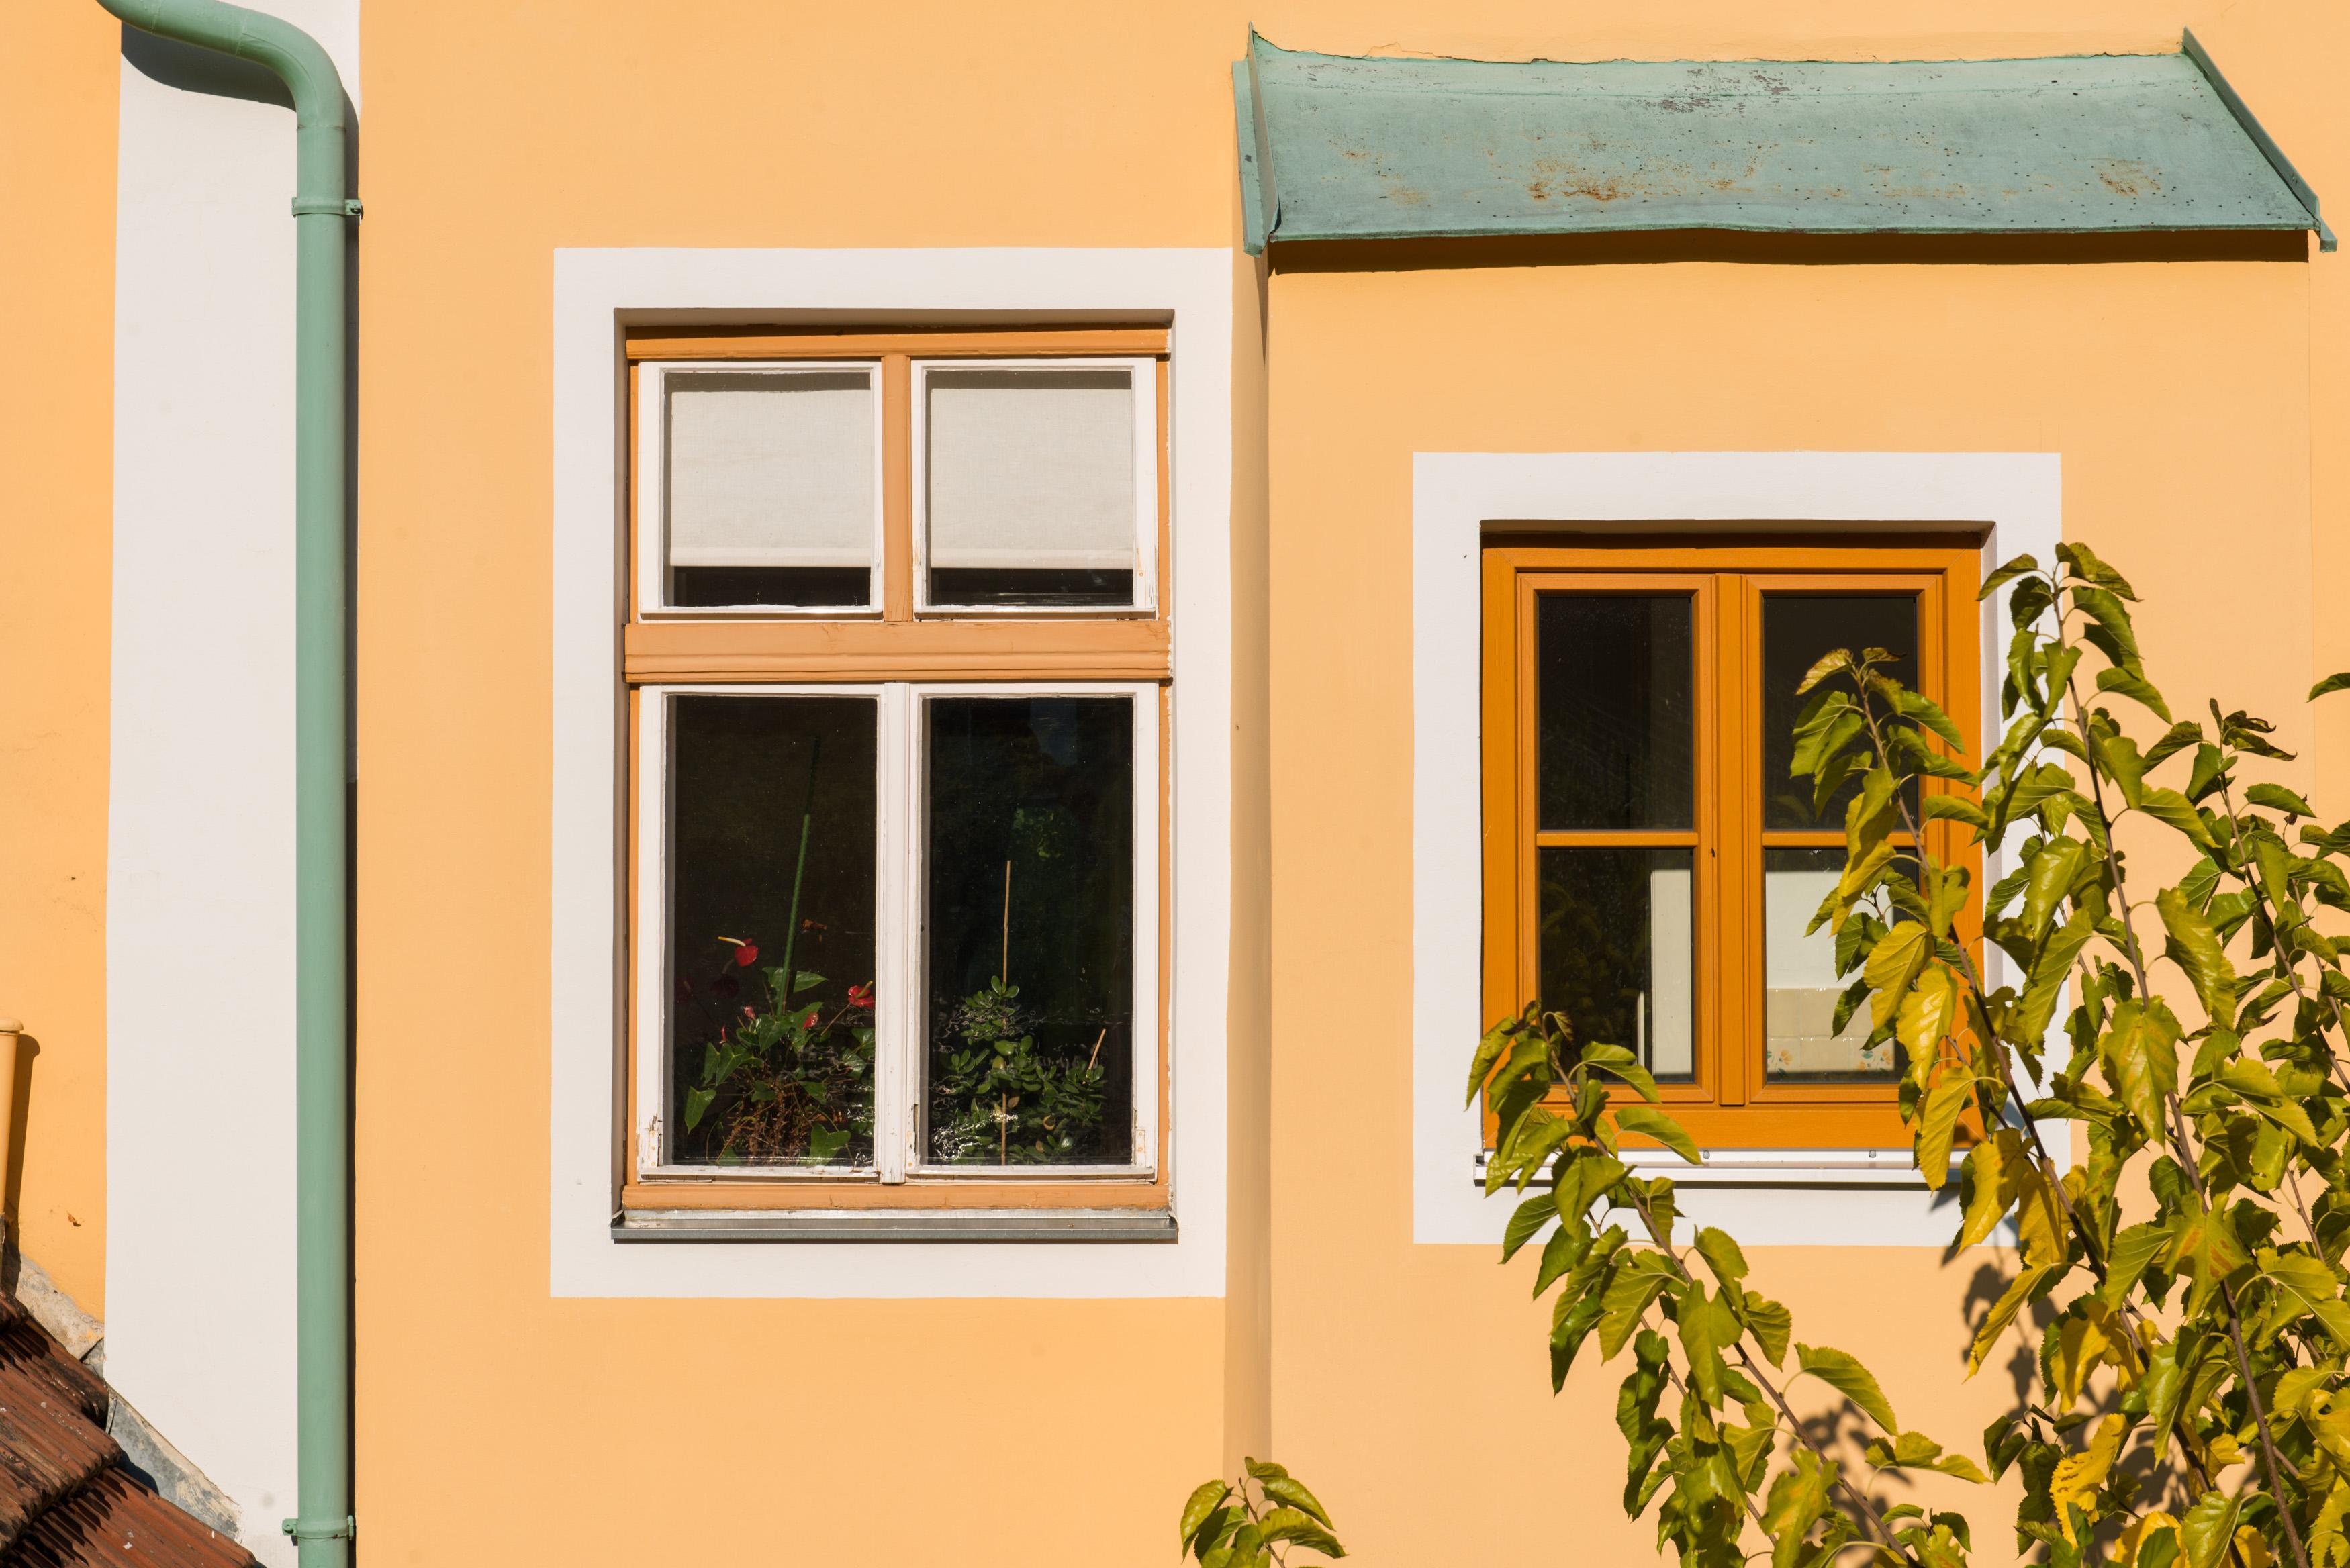 Fenster wirrwarr ein glasklares durcheinander energieleben for Fenster internorm